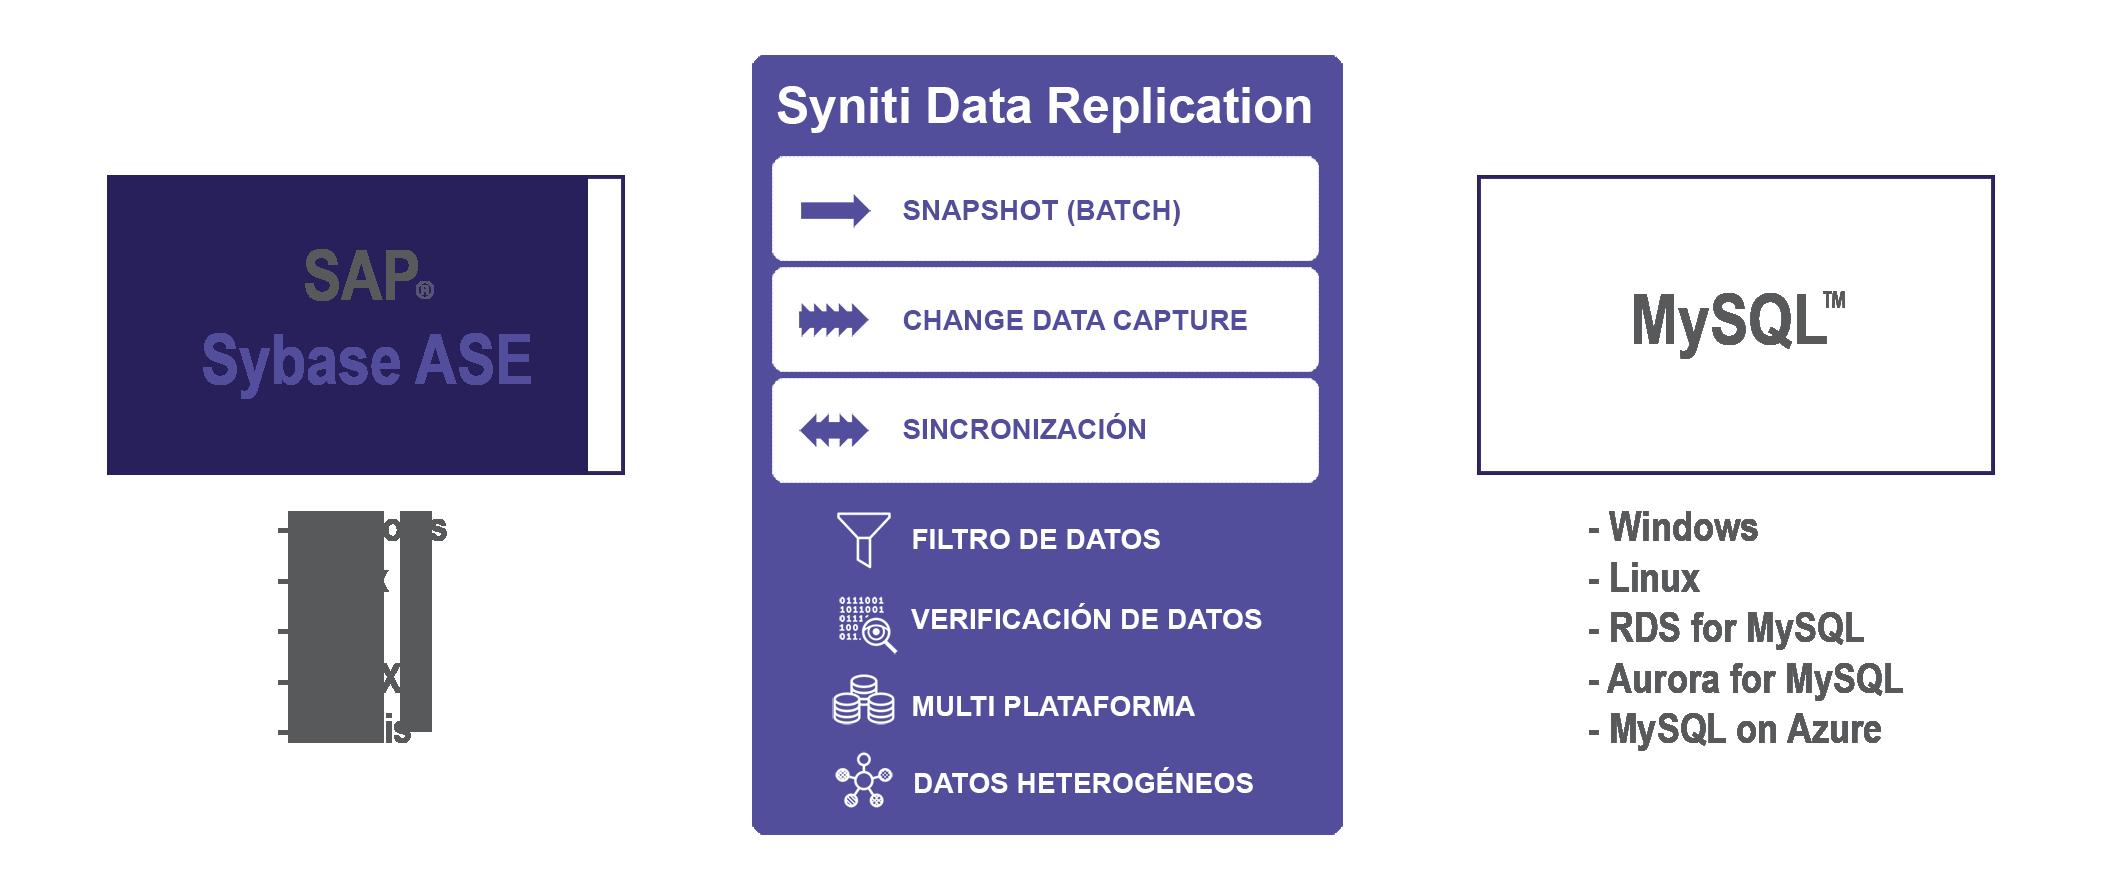 Replicacion de datos Sybase a MySQL en tiempo real